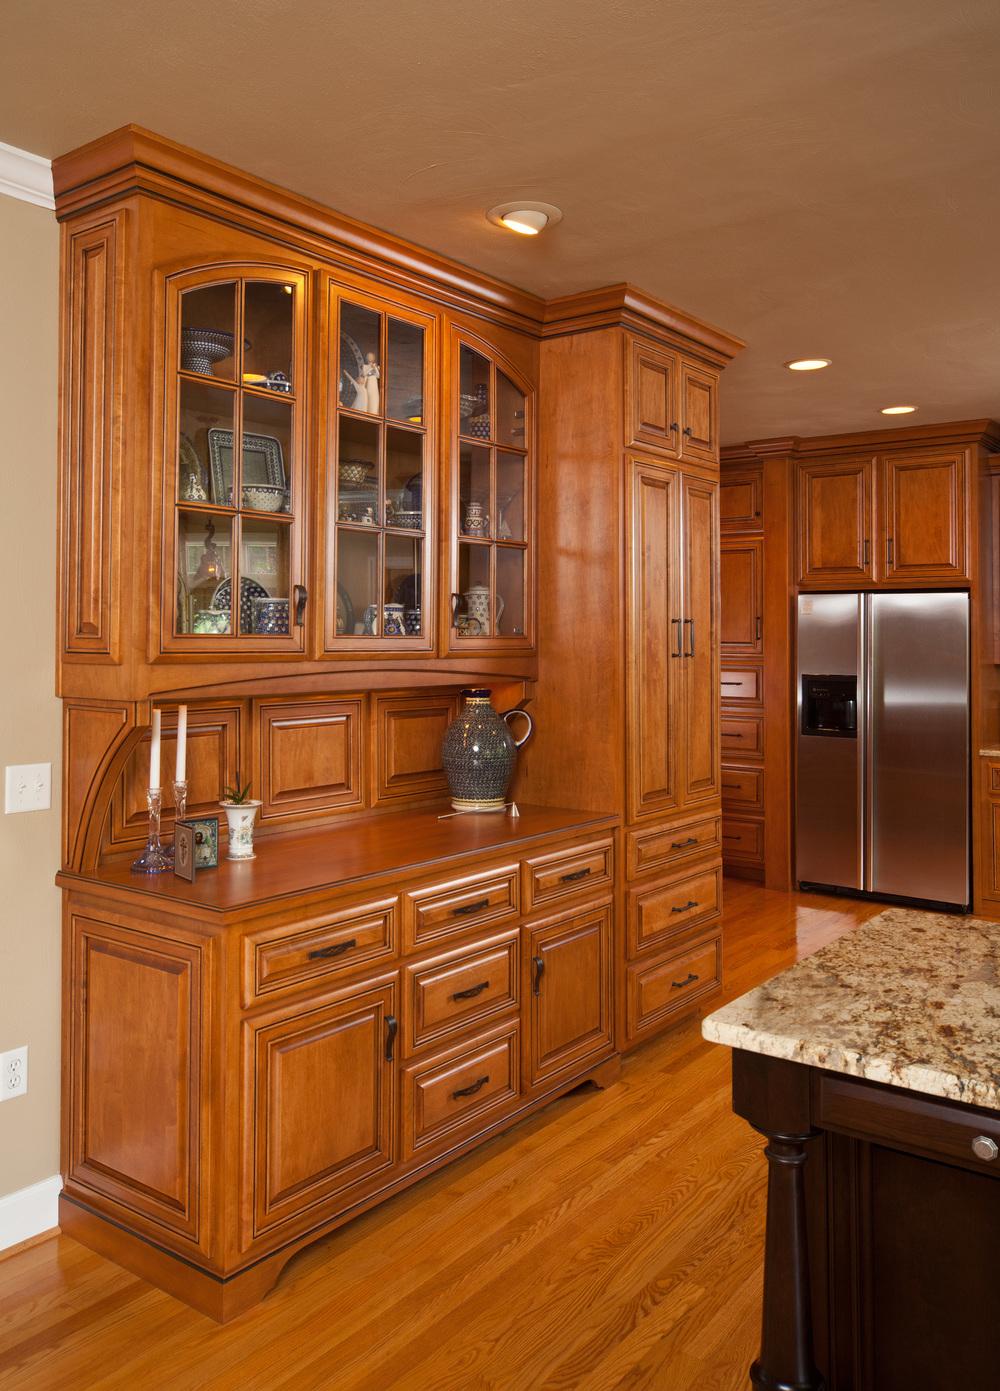 Cabinets_kitchen.jpg